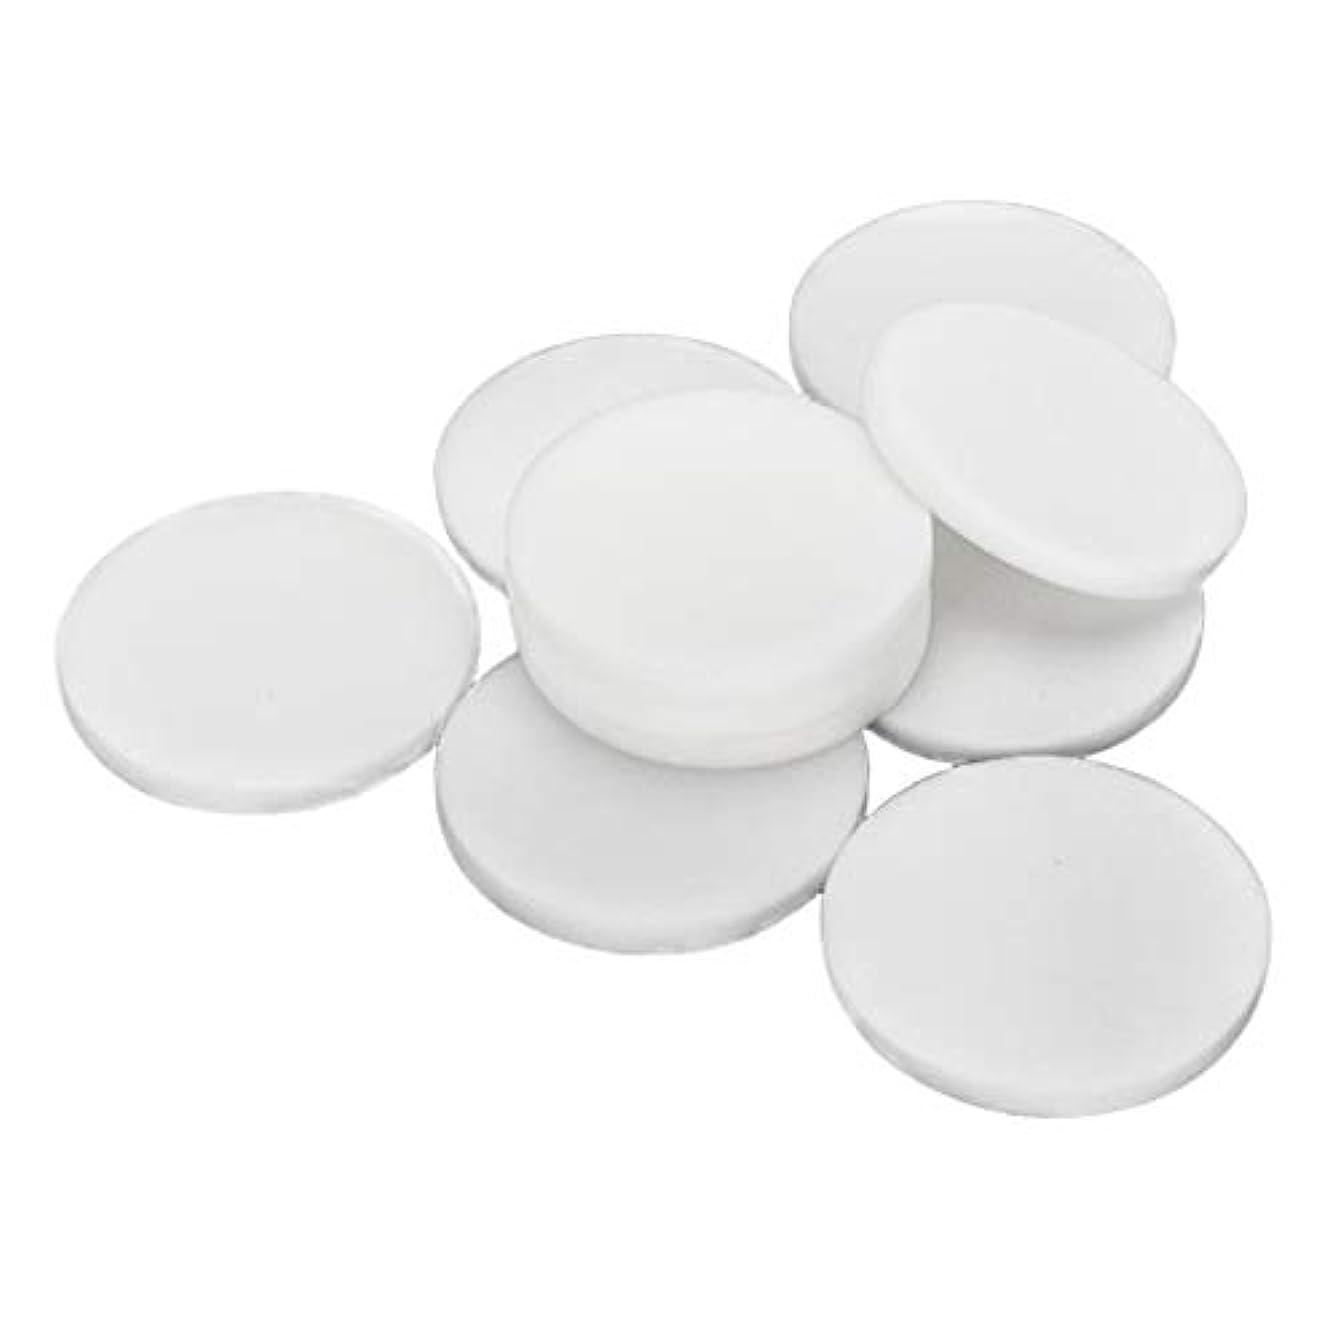 プレビュー効果歯車F Fityle 10枚 使い捨て フェイスクリーニングパフ 洗顔 化粧 メイクアップパフ 2サイズ選べ - 大